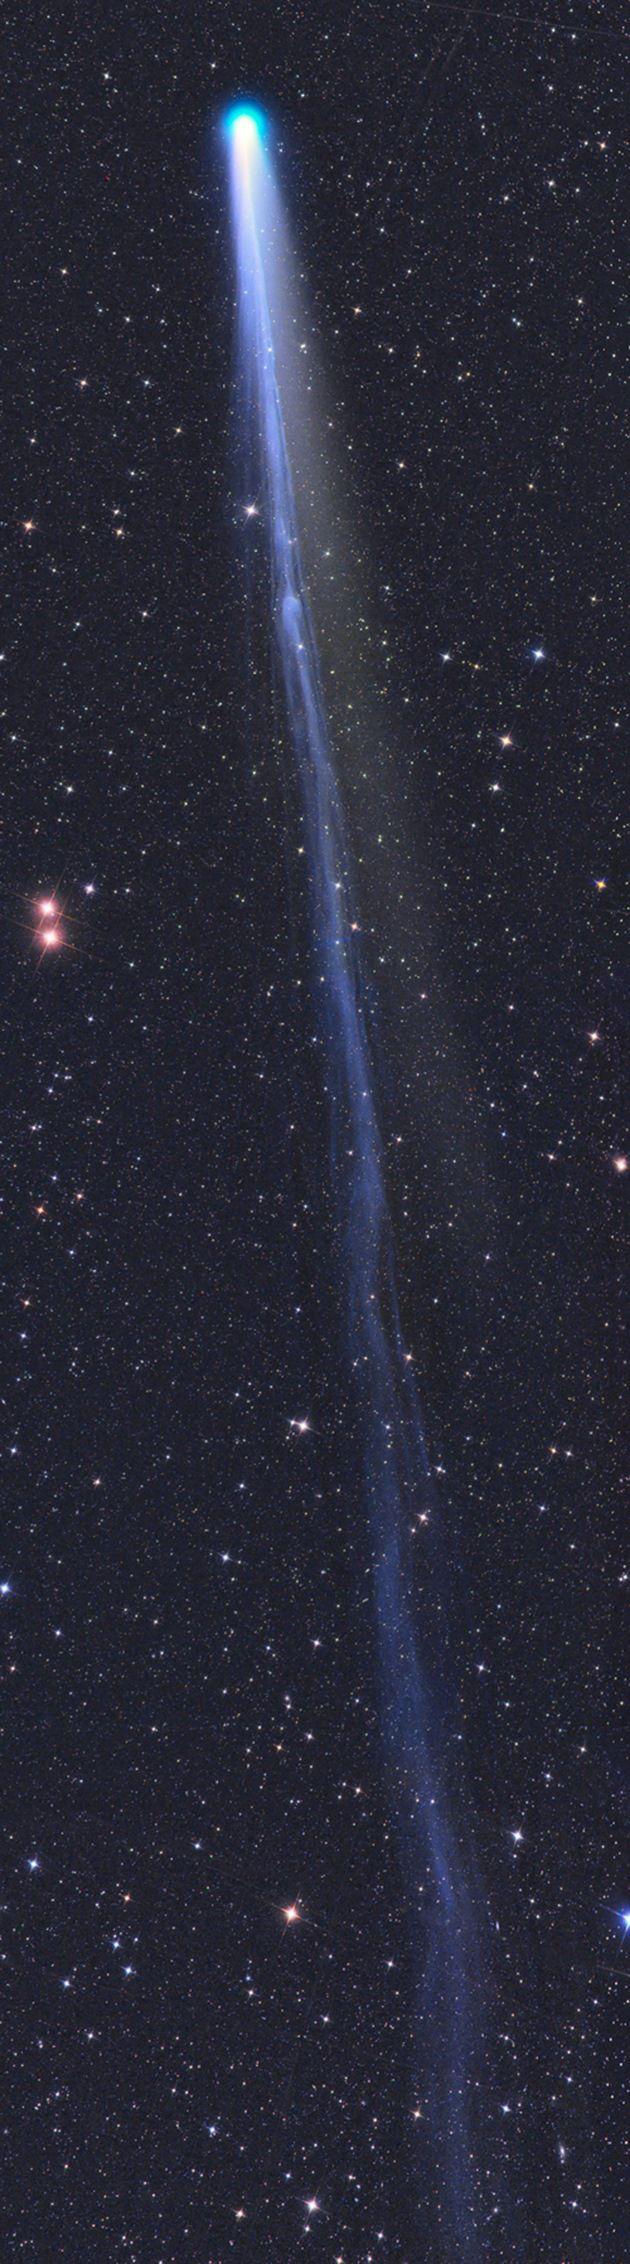 ¡Conozca a LoveJoy! El cometa más brillante visto en el espacio (+fotos)